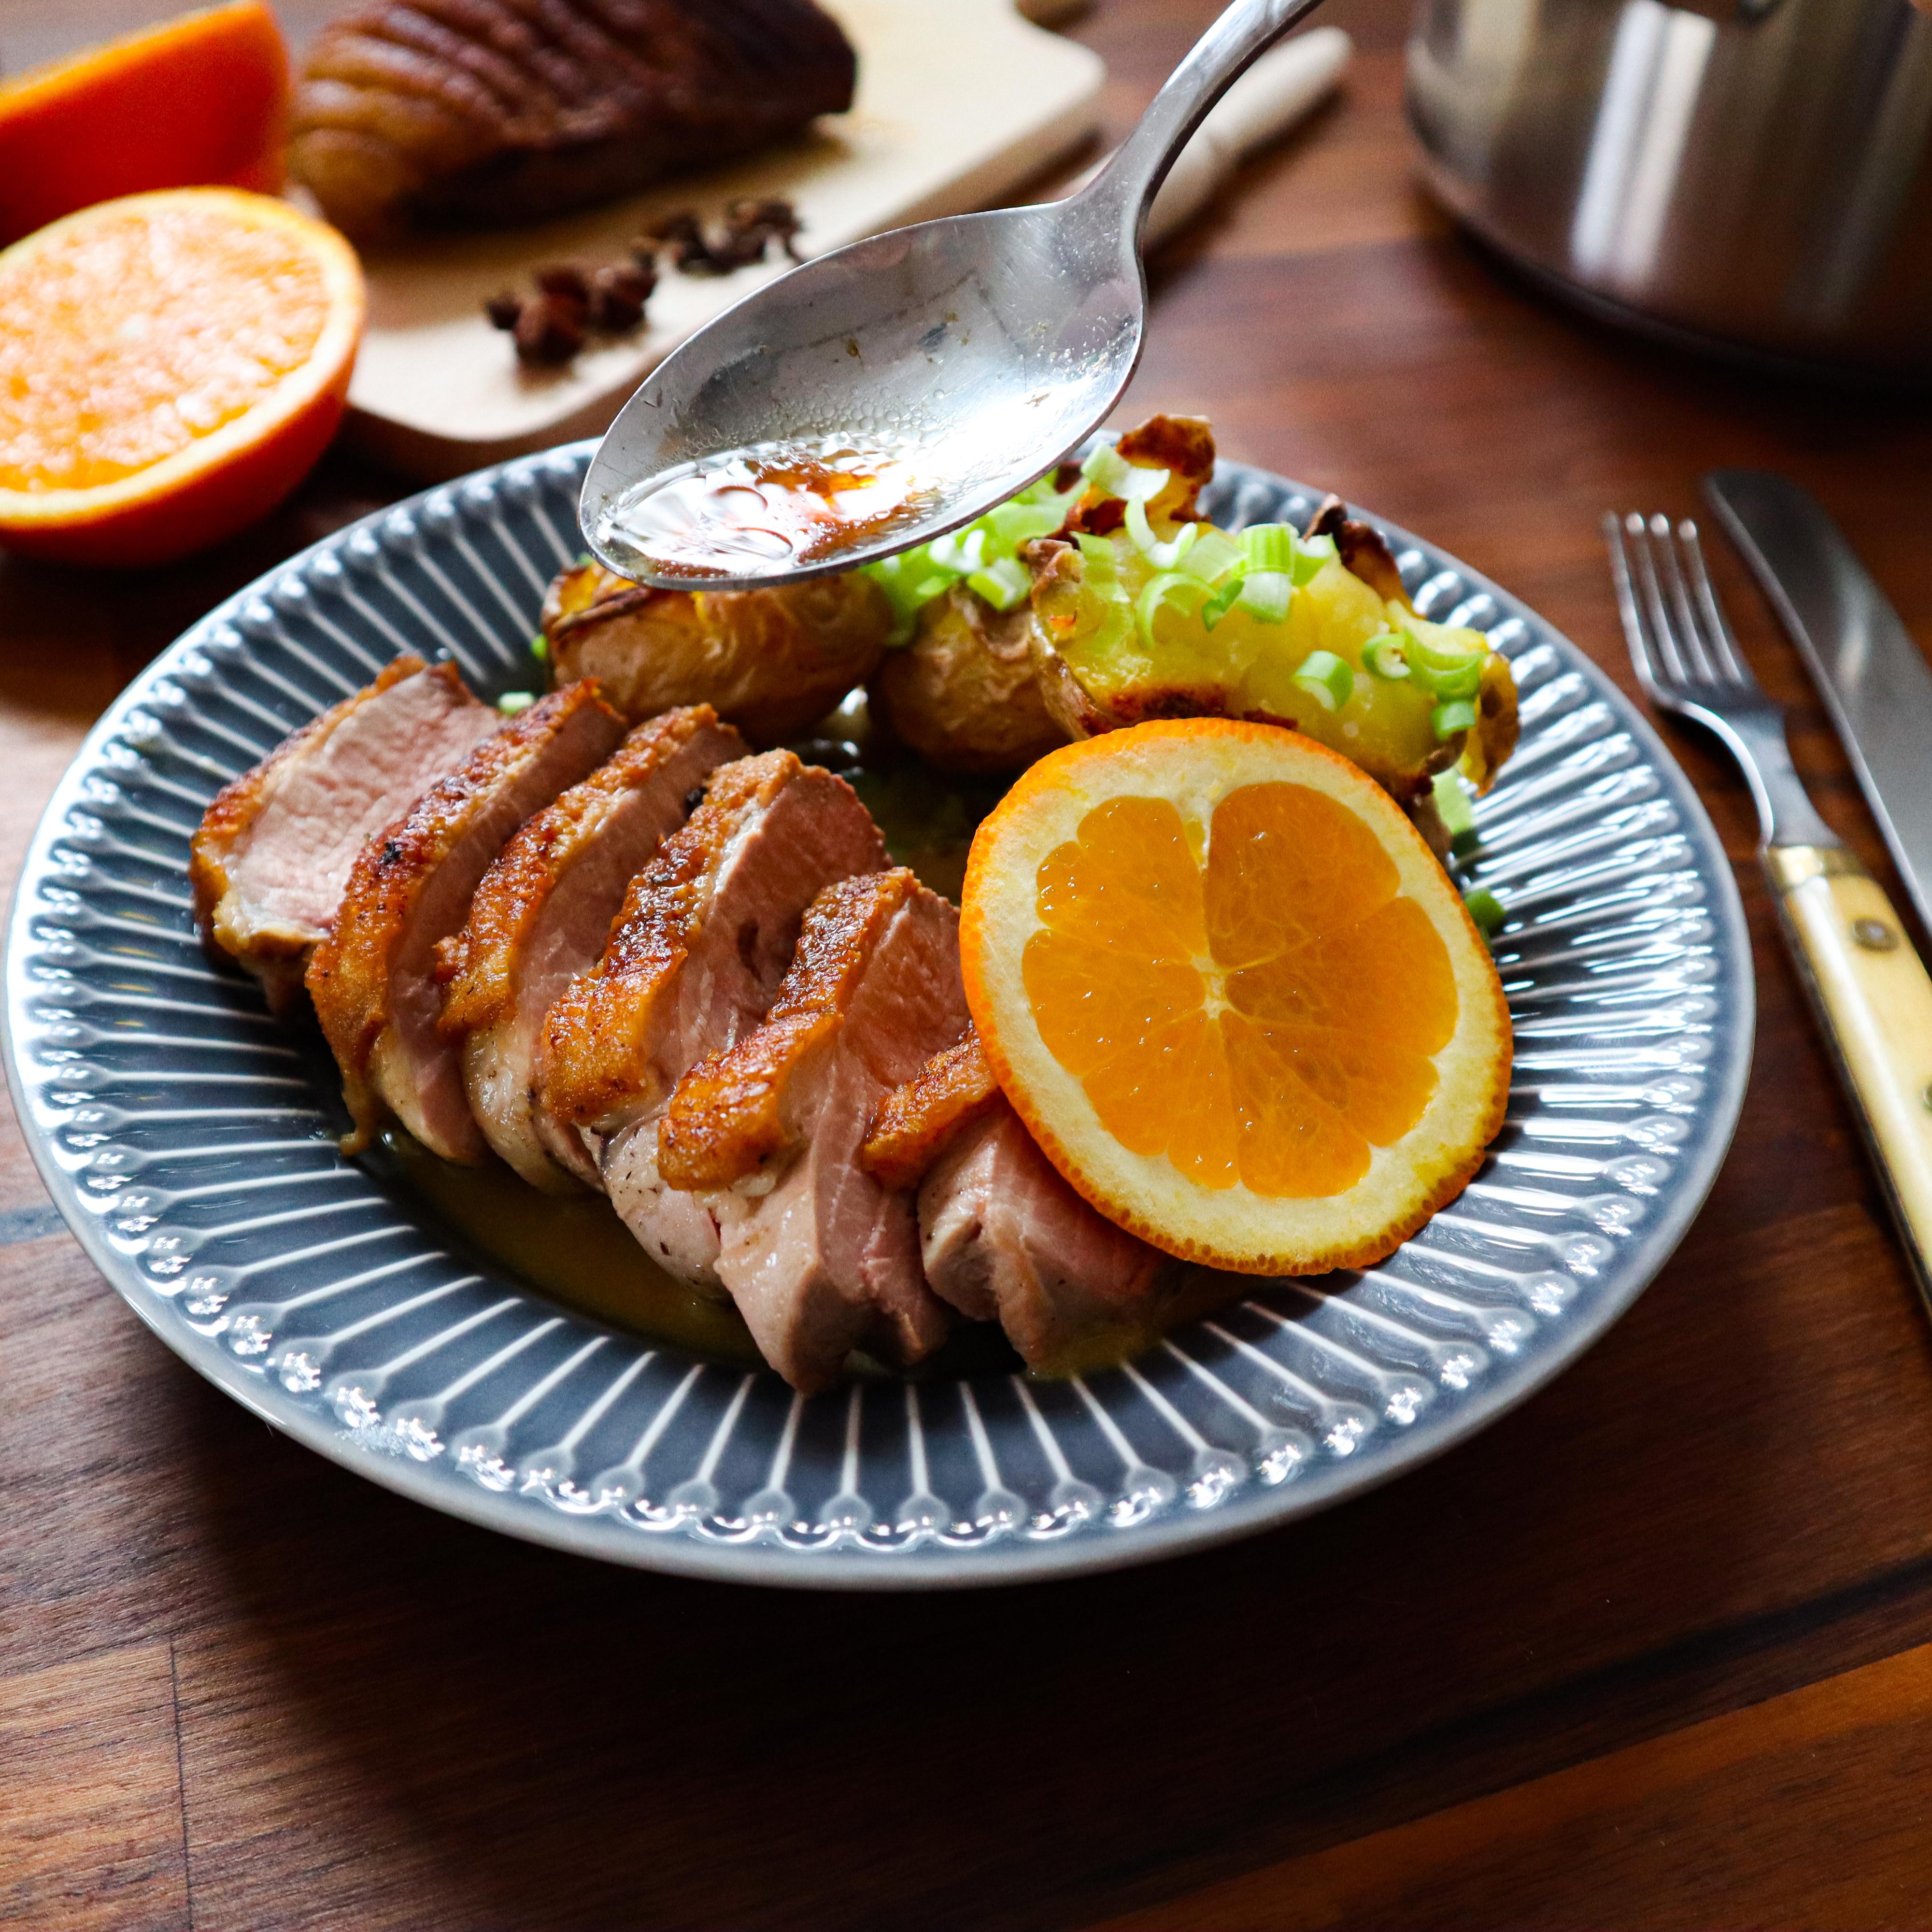 Kachní prsa na pomerančích s pečenými bramborami